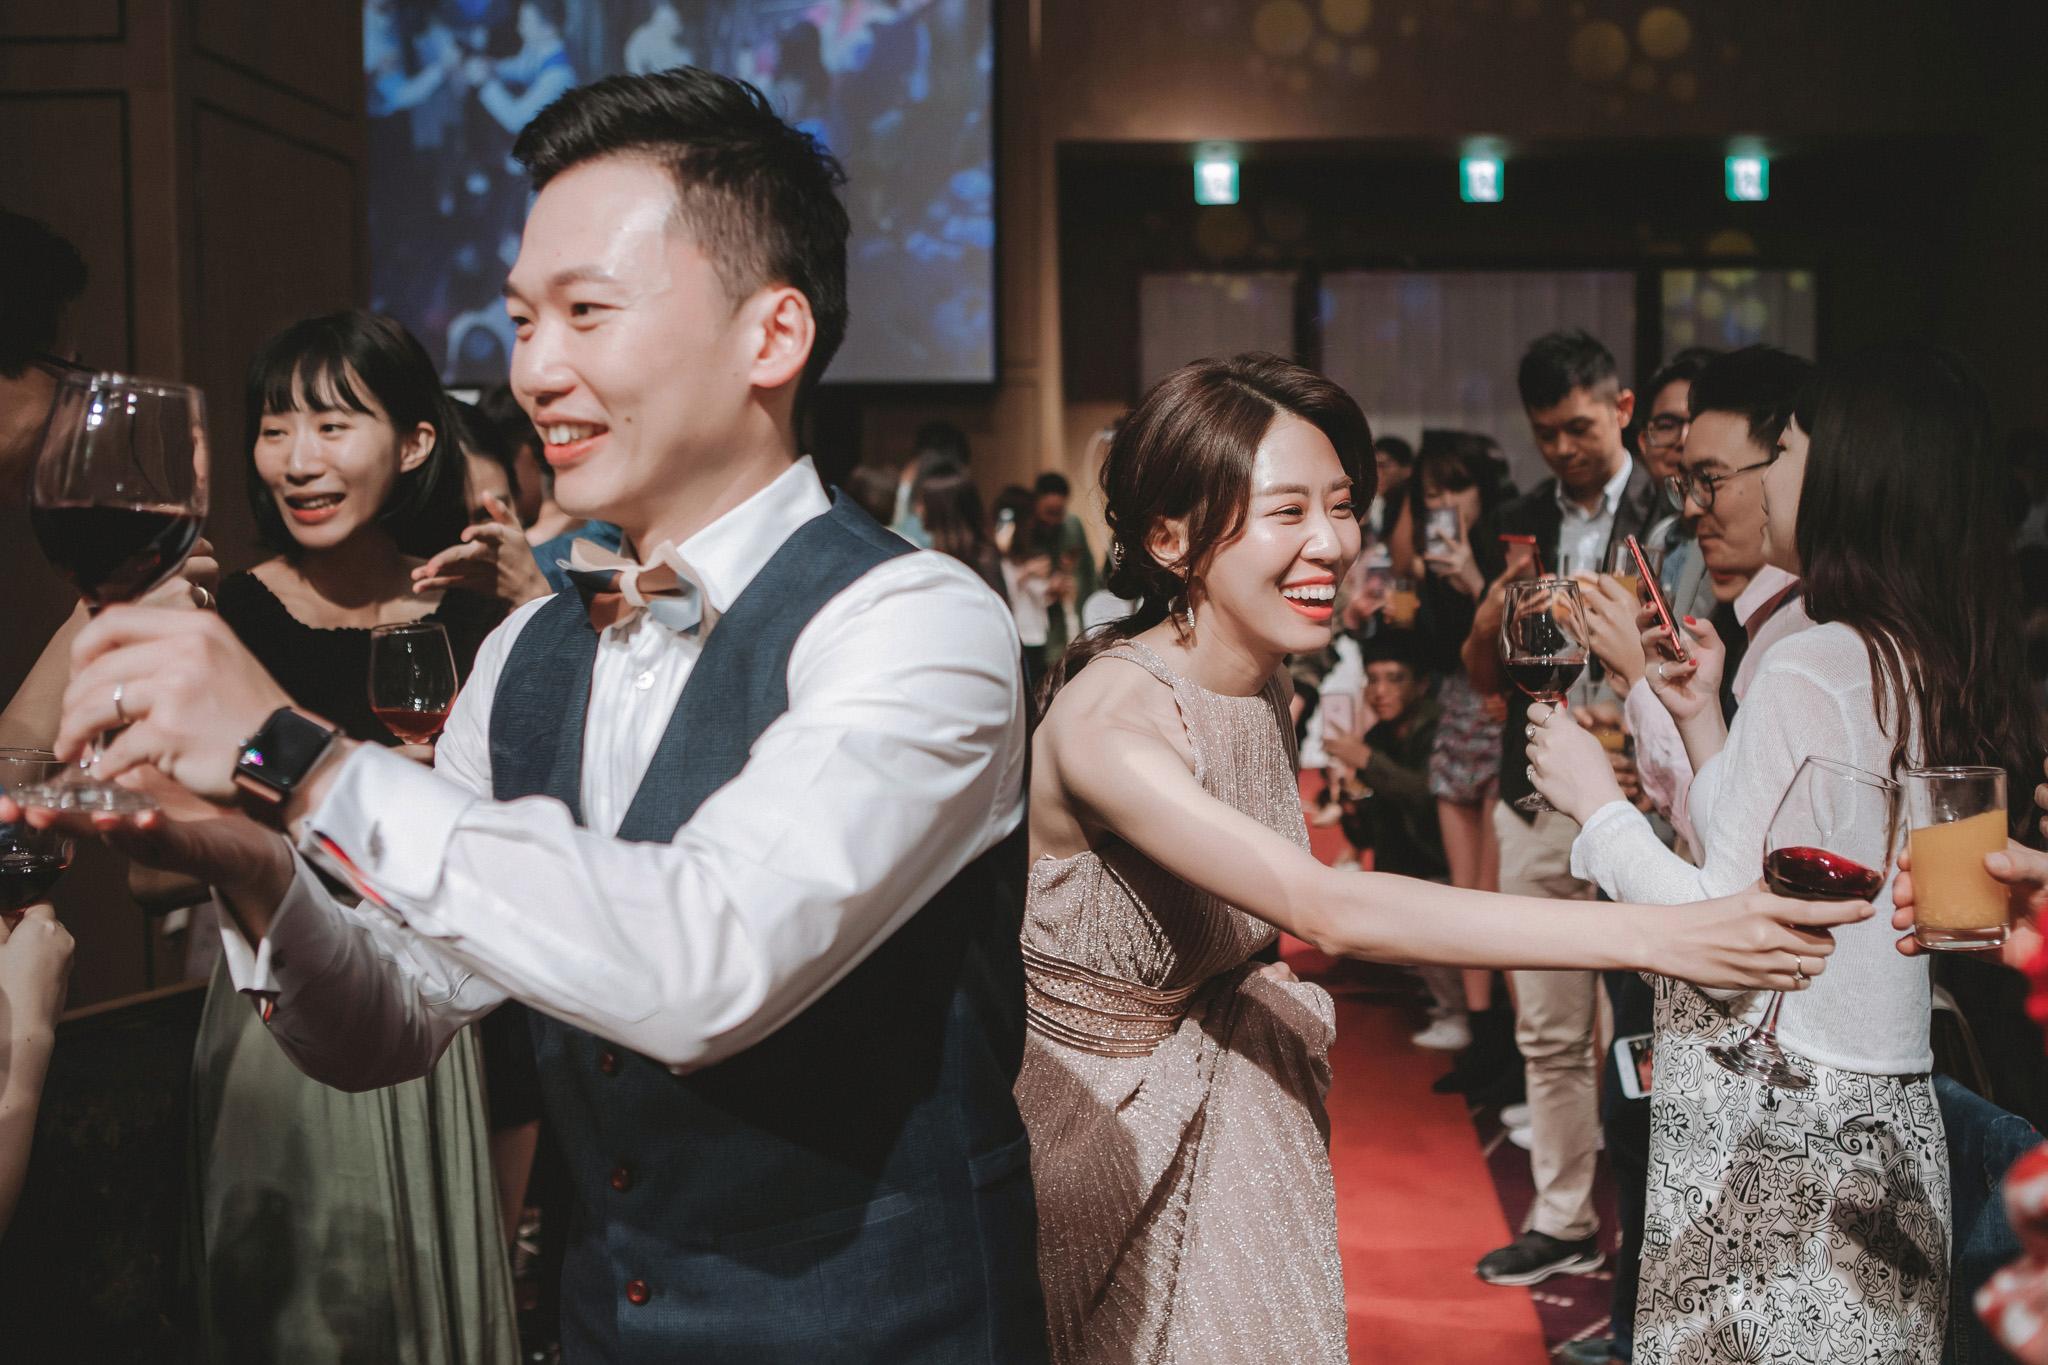 EW 居米 台北婚宴 台北婚紗 台北婚攝 國泰萬怡 台北婚禮 -50